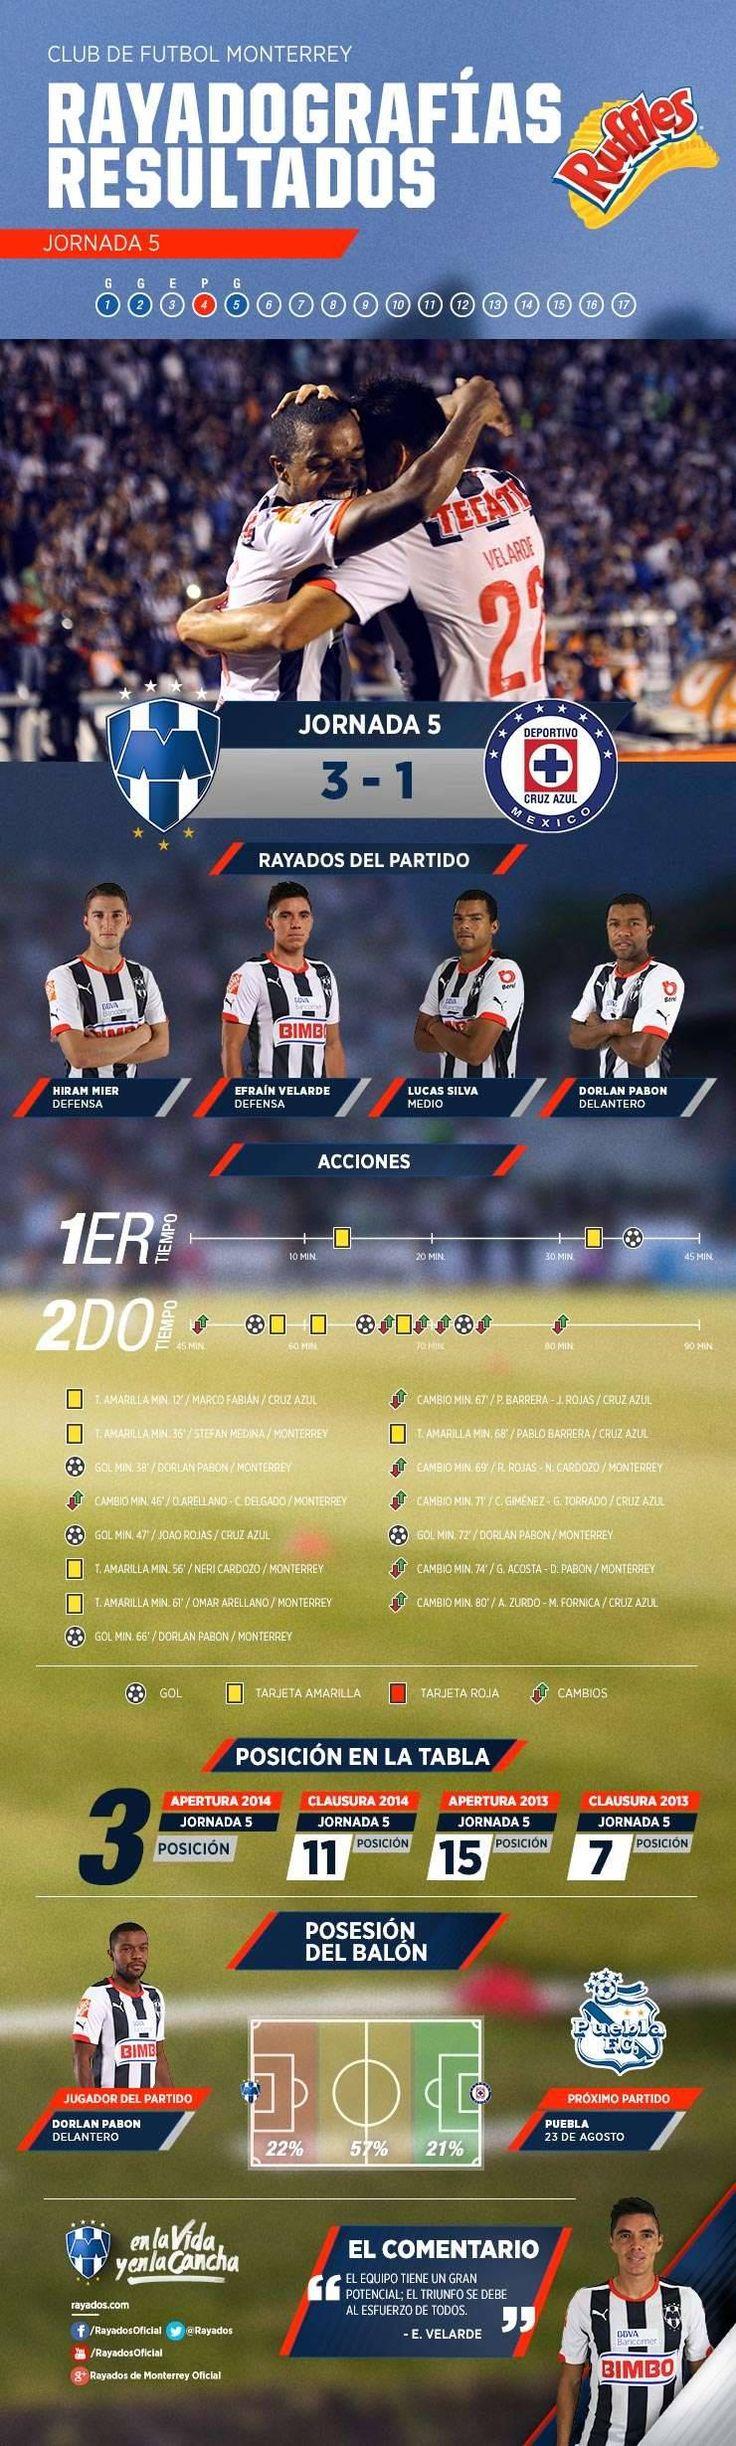 La #Rayadografía post partido del Club de Futbol Monterrey vs. Cruz Azul es presentada por Ruffles MX.